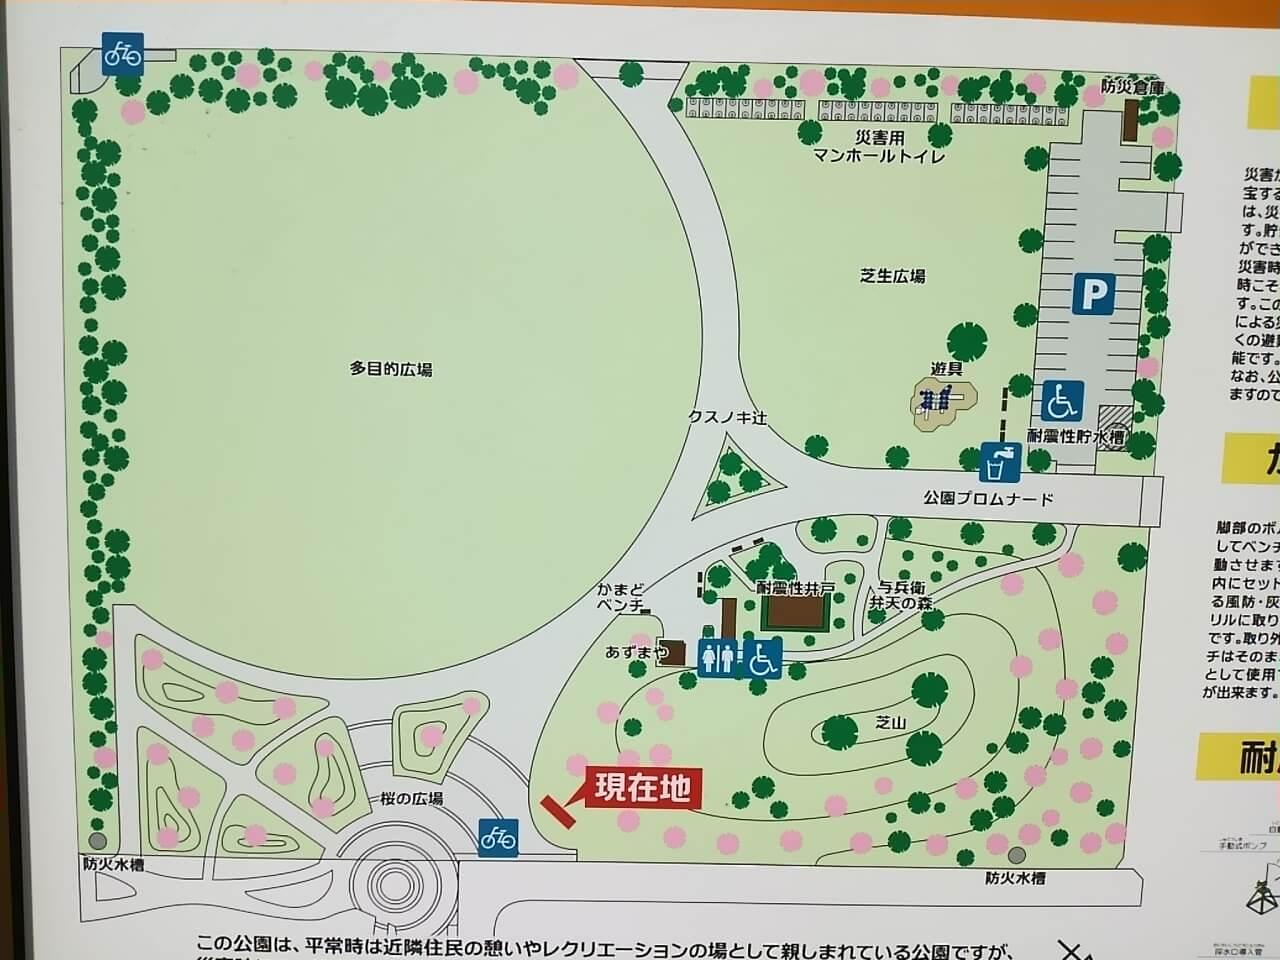 谷津奏の杜公園の駐車場・アクセスは?